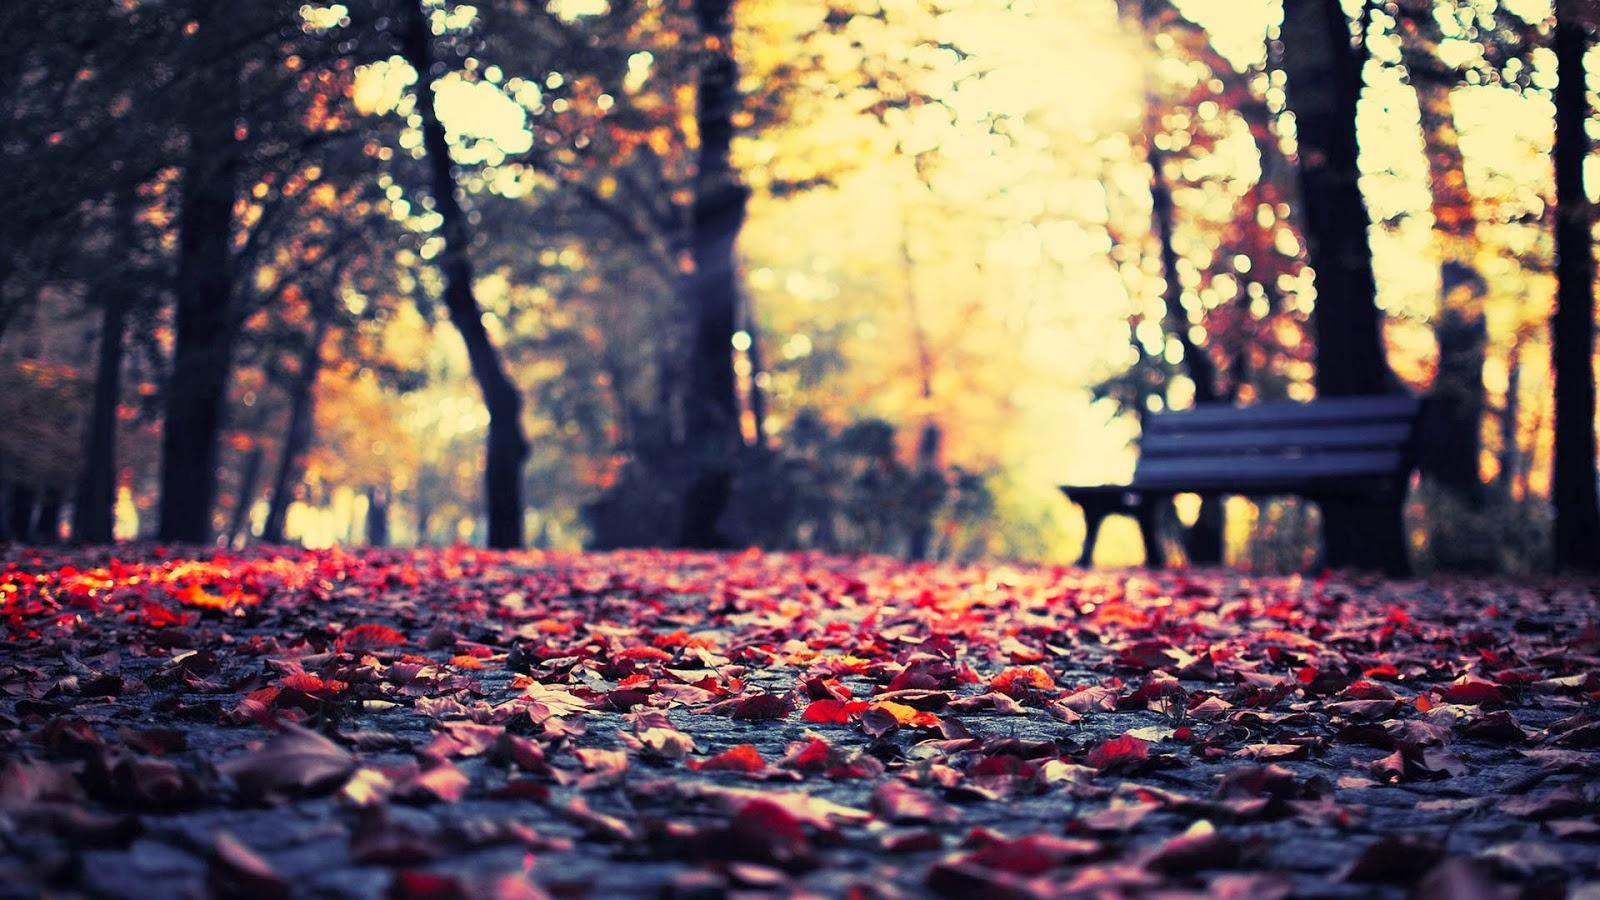 Imagenes hilandy fondo de pantalla paisaje banco en un parque - Descargar autumn leaves ...